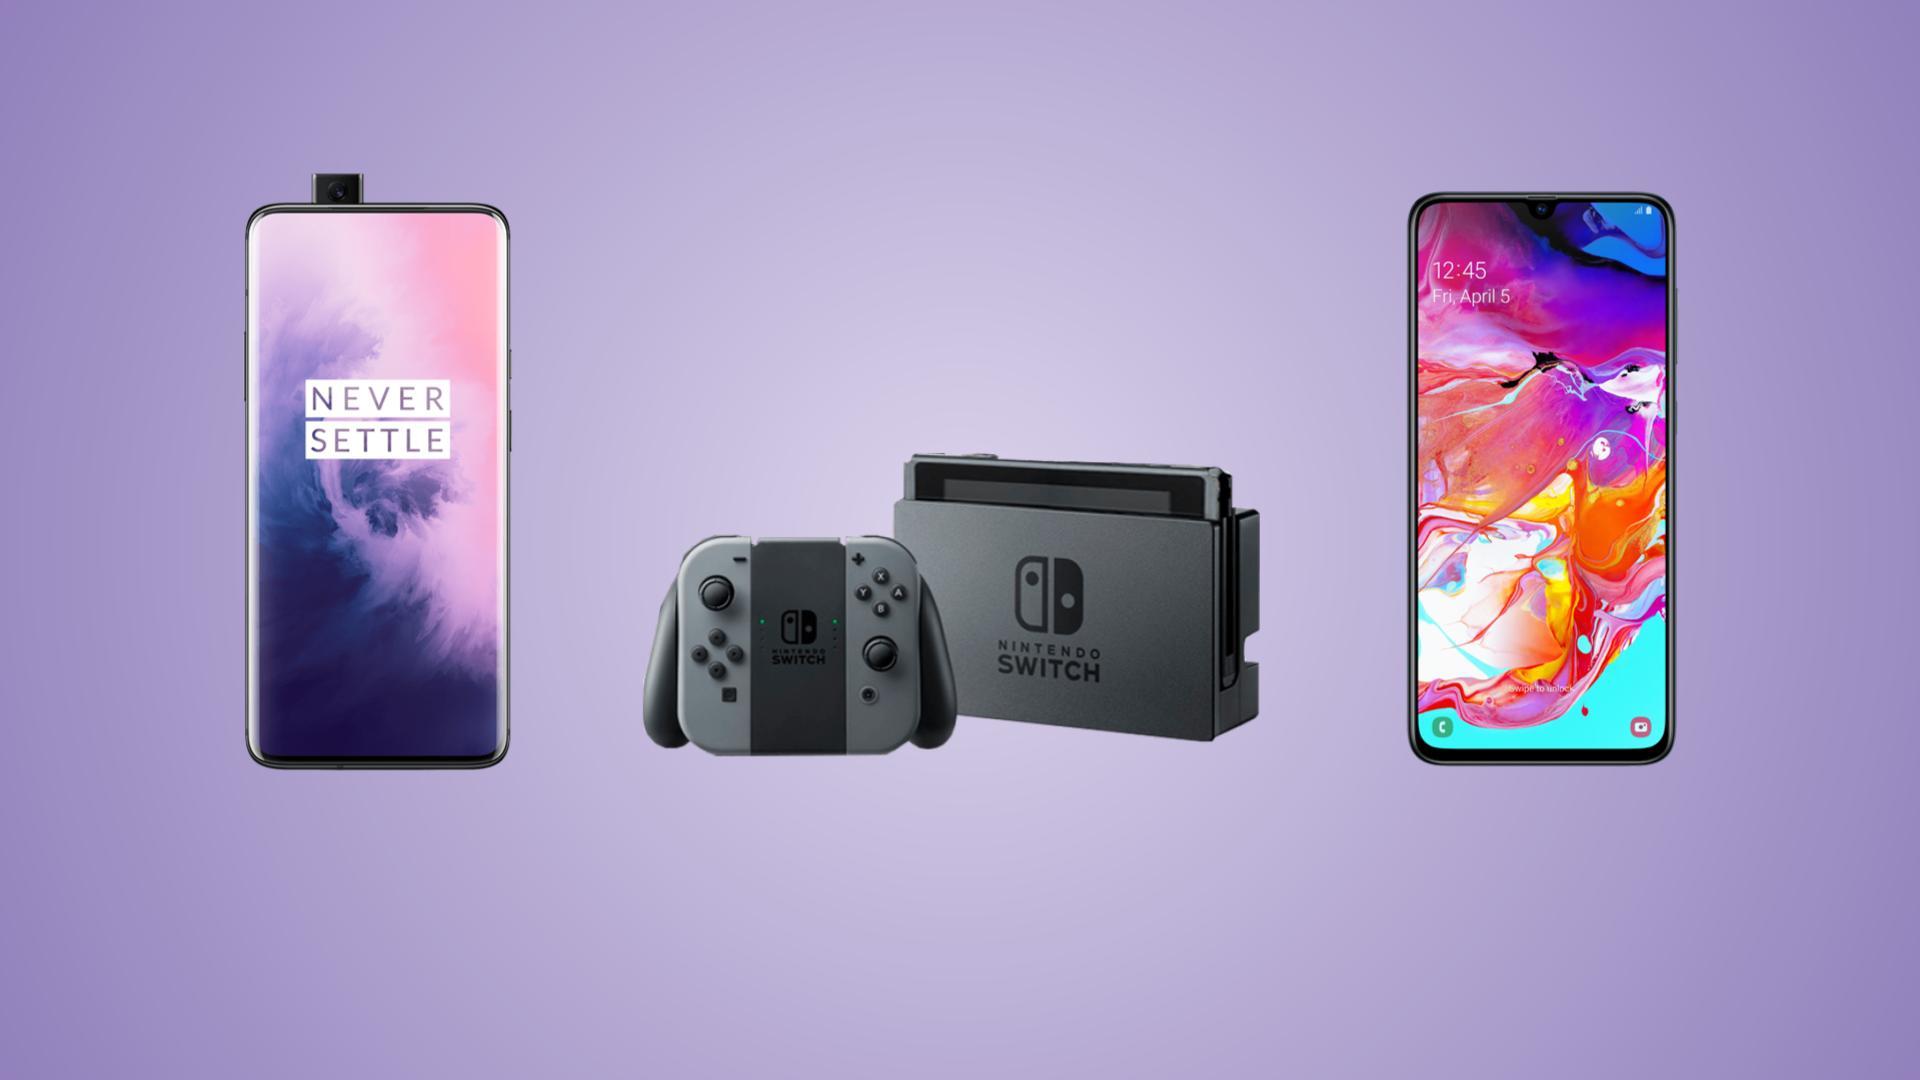 OnePlus 7 Pro 256 Go à 587 euros, Nintendo Switch à 259 euros et Samsung Galaxy A70 à 295 euros